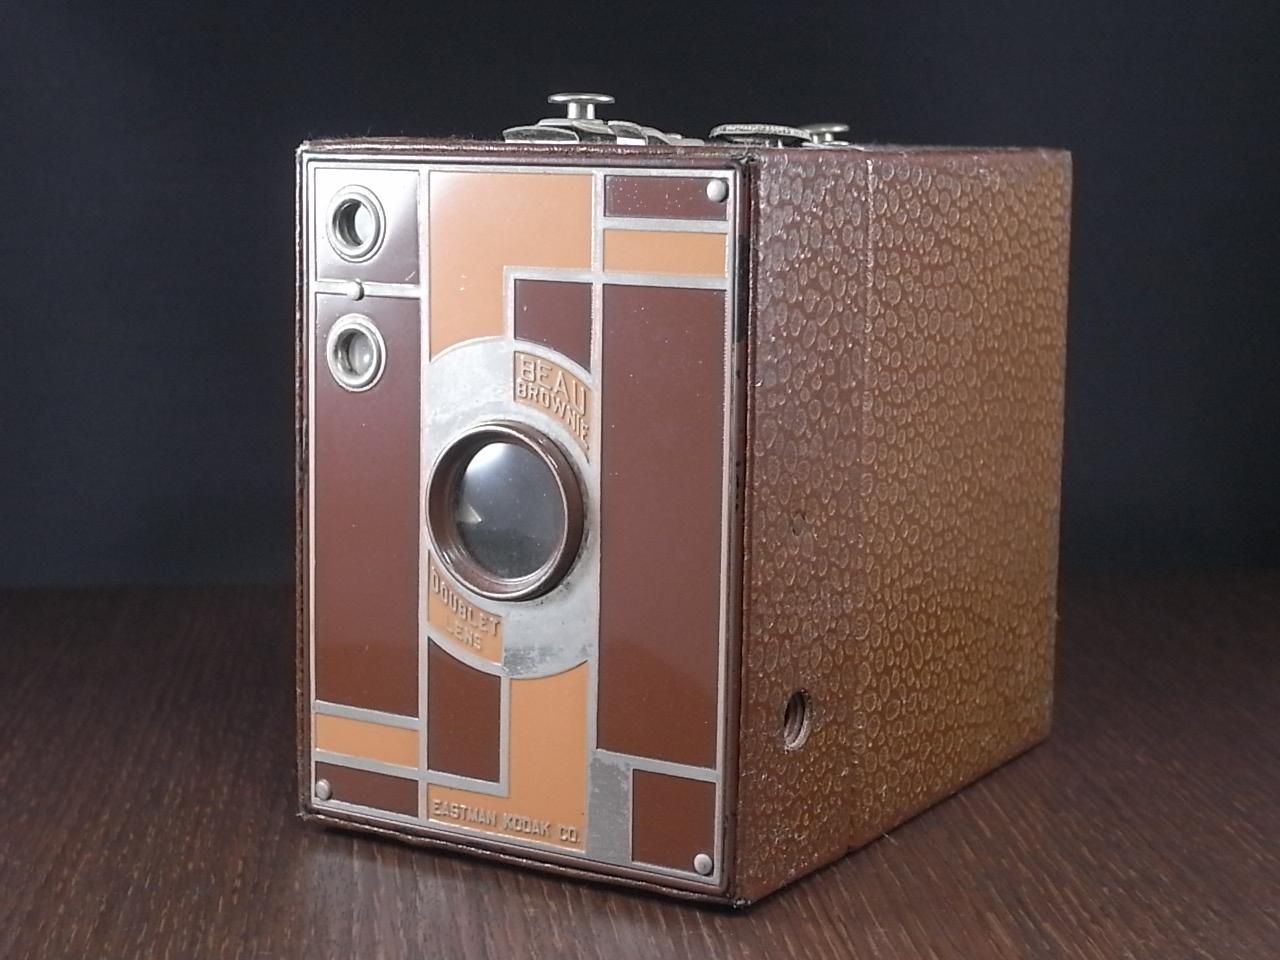 コダック No.2 ブローニー アールデコカメラ ブラウンのメイン写真